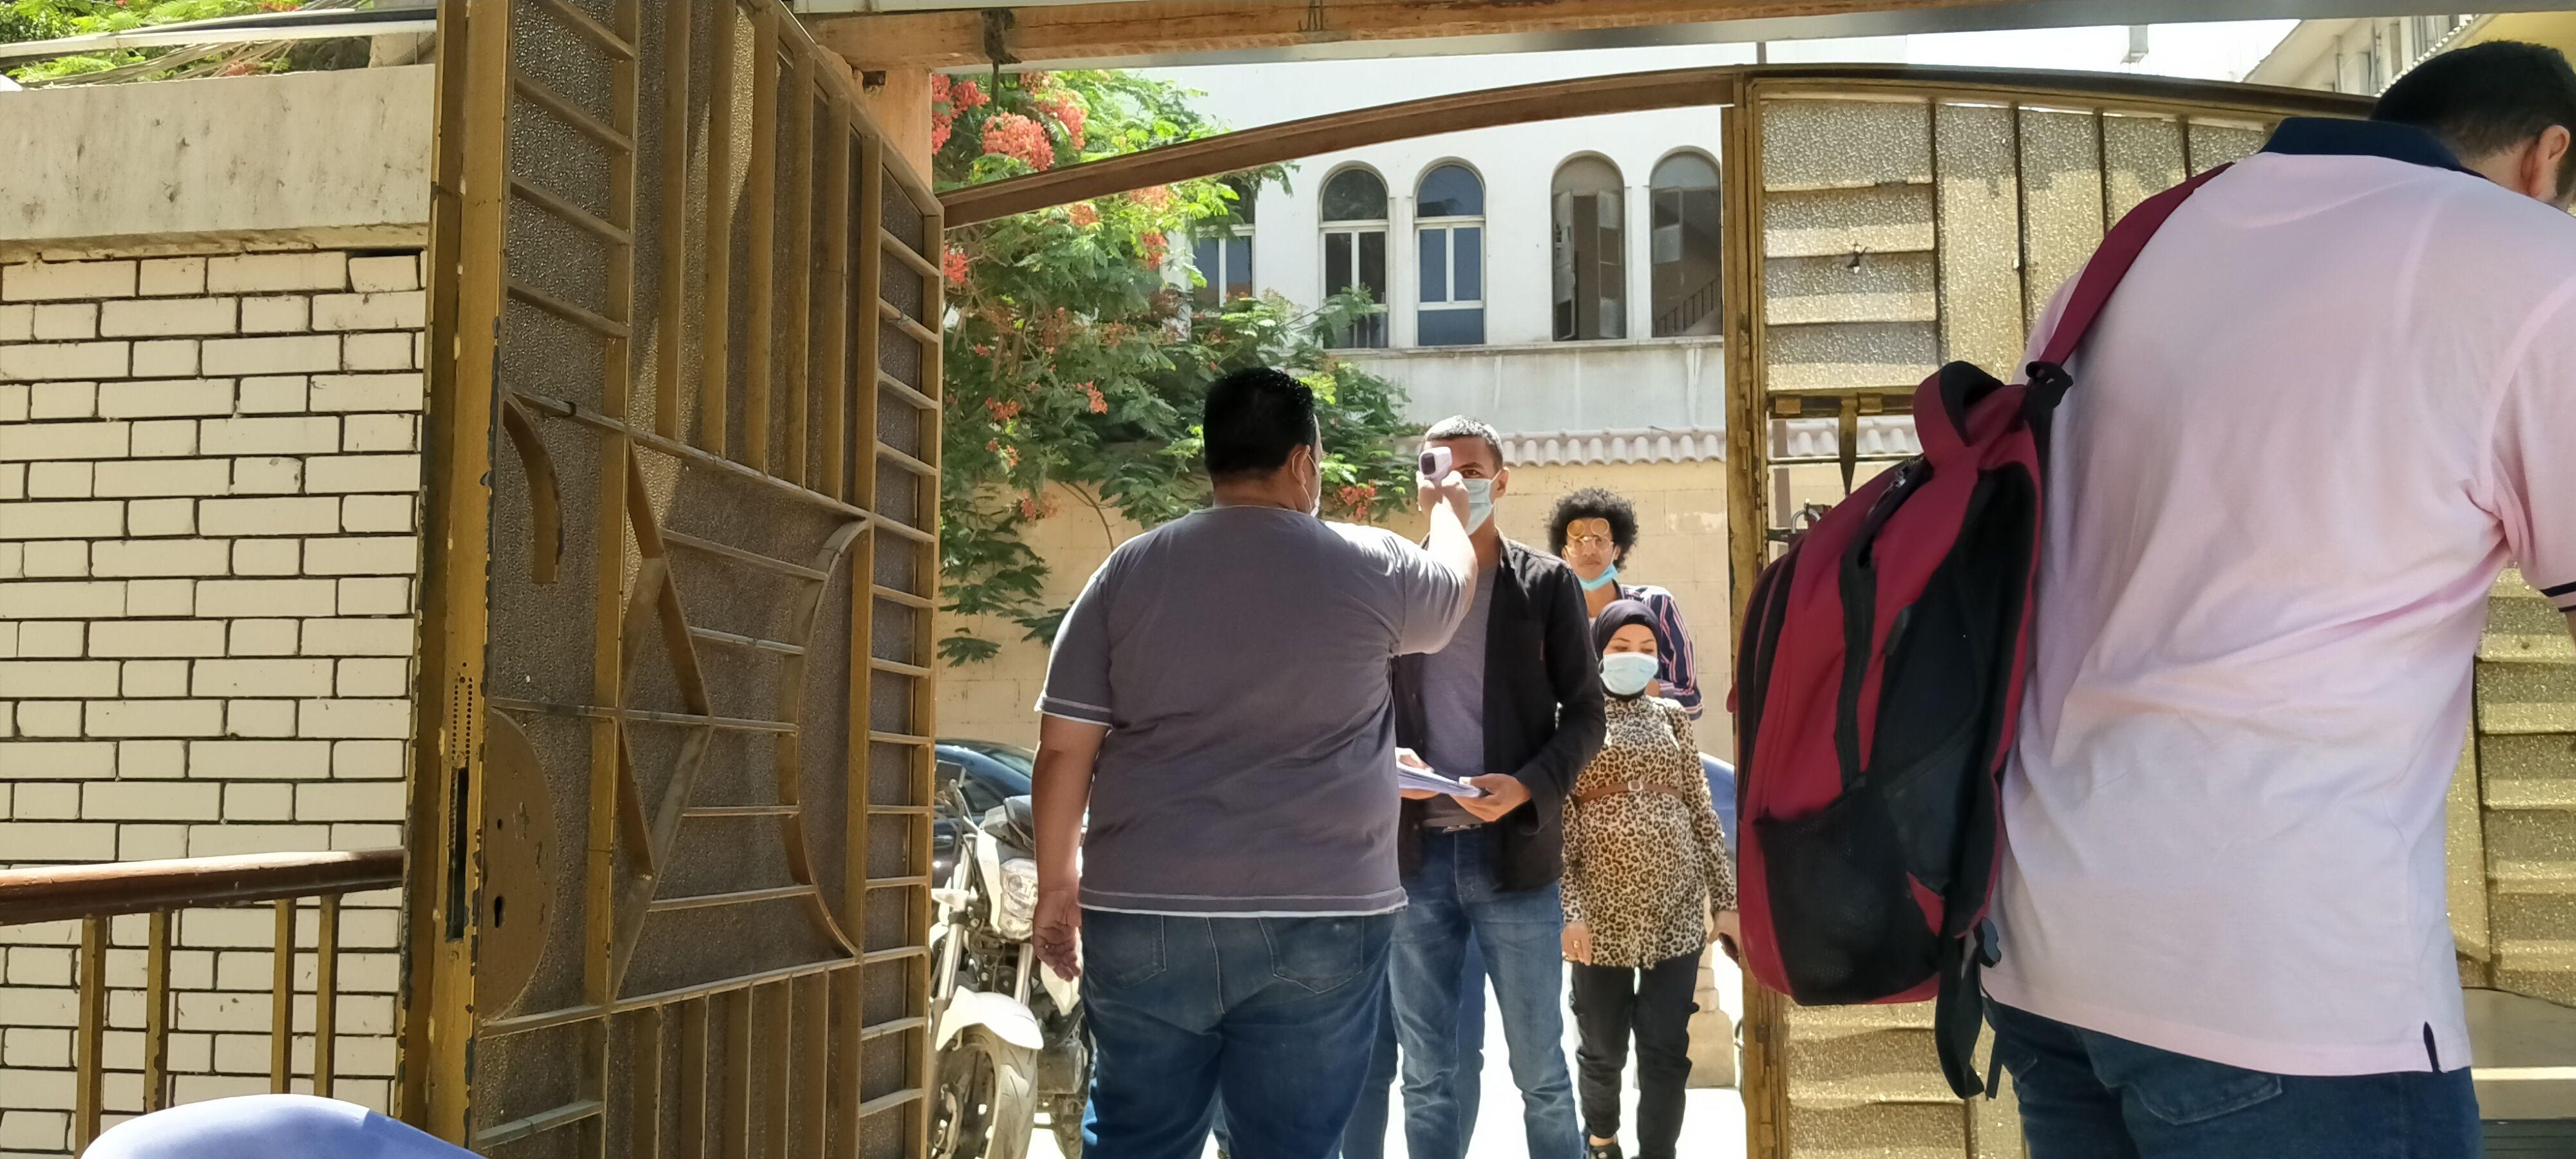 توقيع الكشف الحرارى على الطلاب قبل دخول الحرم الجامعى